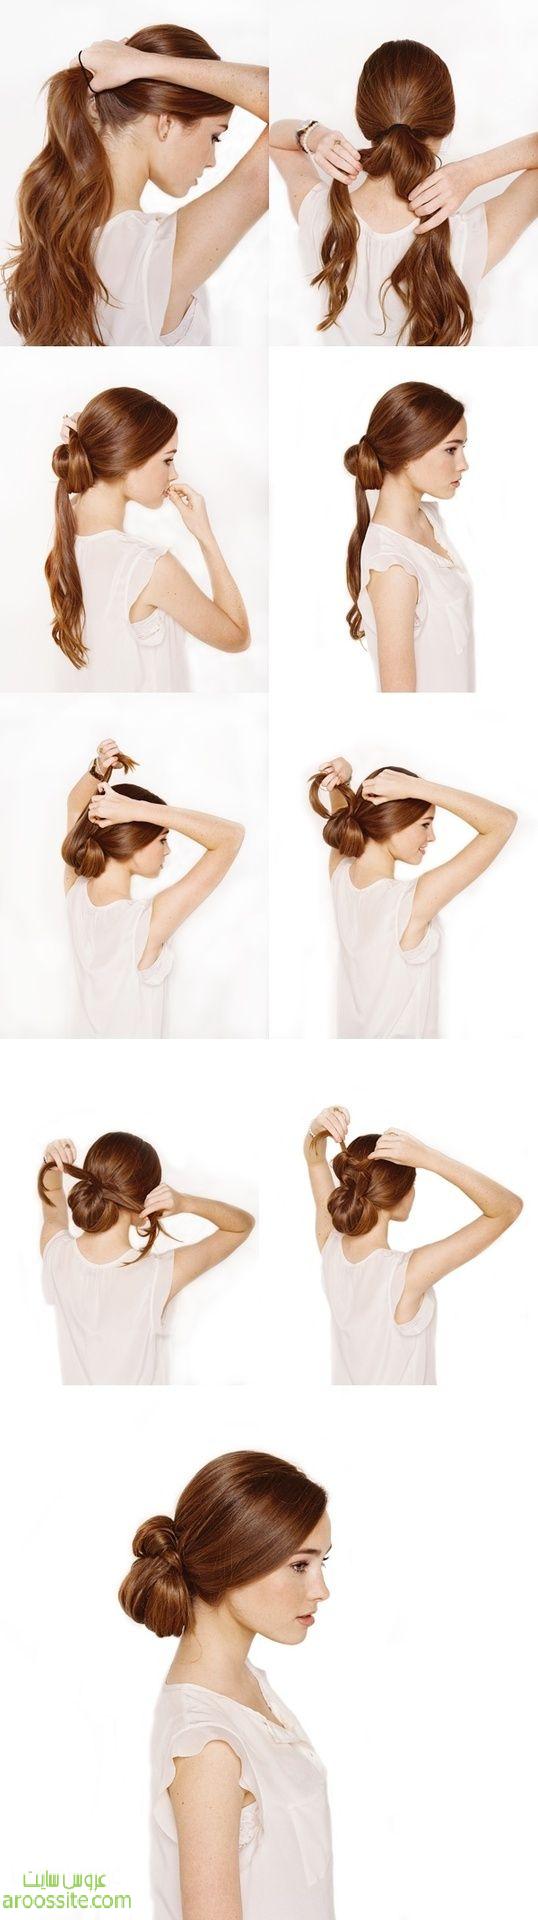 آموزش مرحله به مرحله مدلهای آرایش مو و بستن مو به صورت تصویری 2014 سری دوم